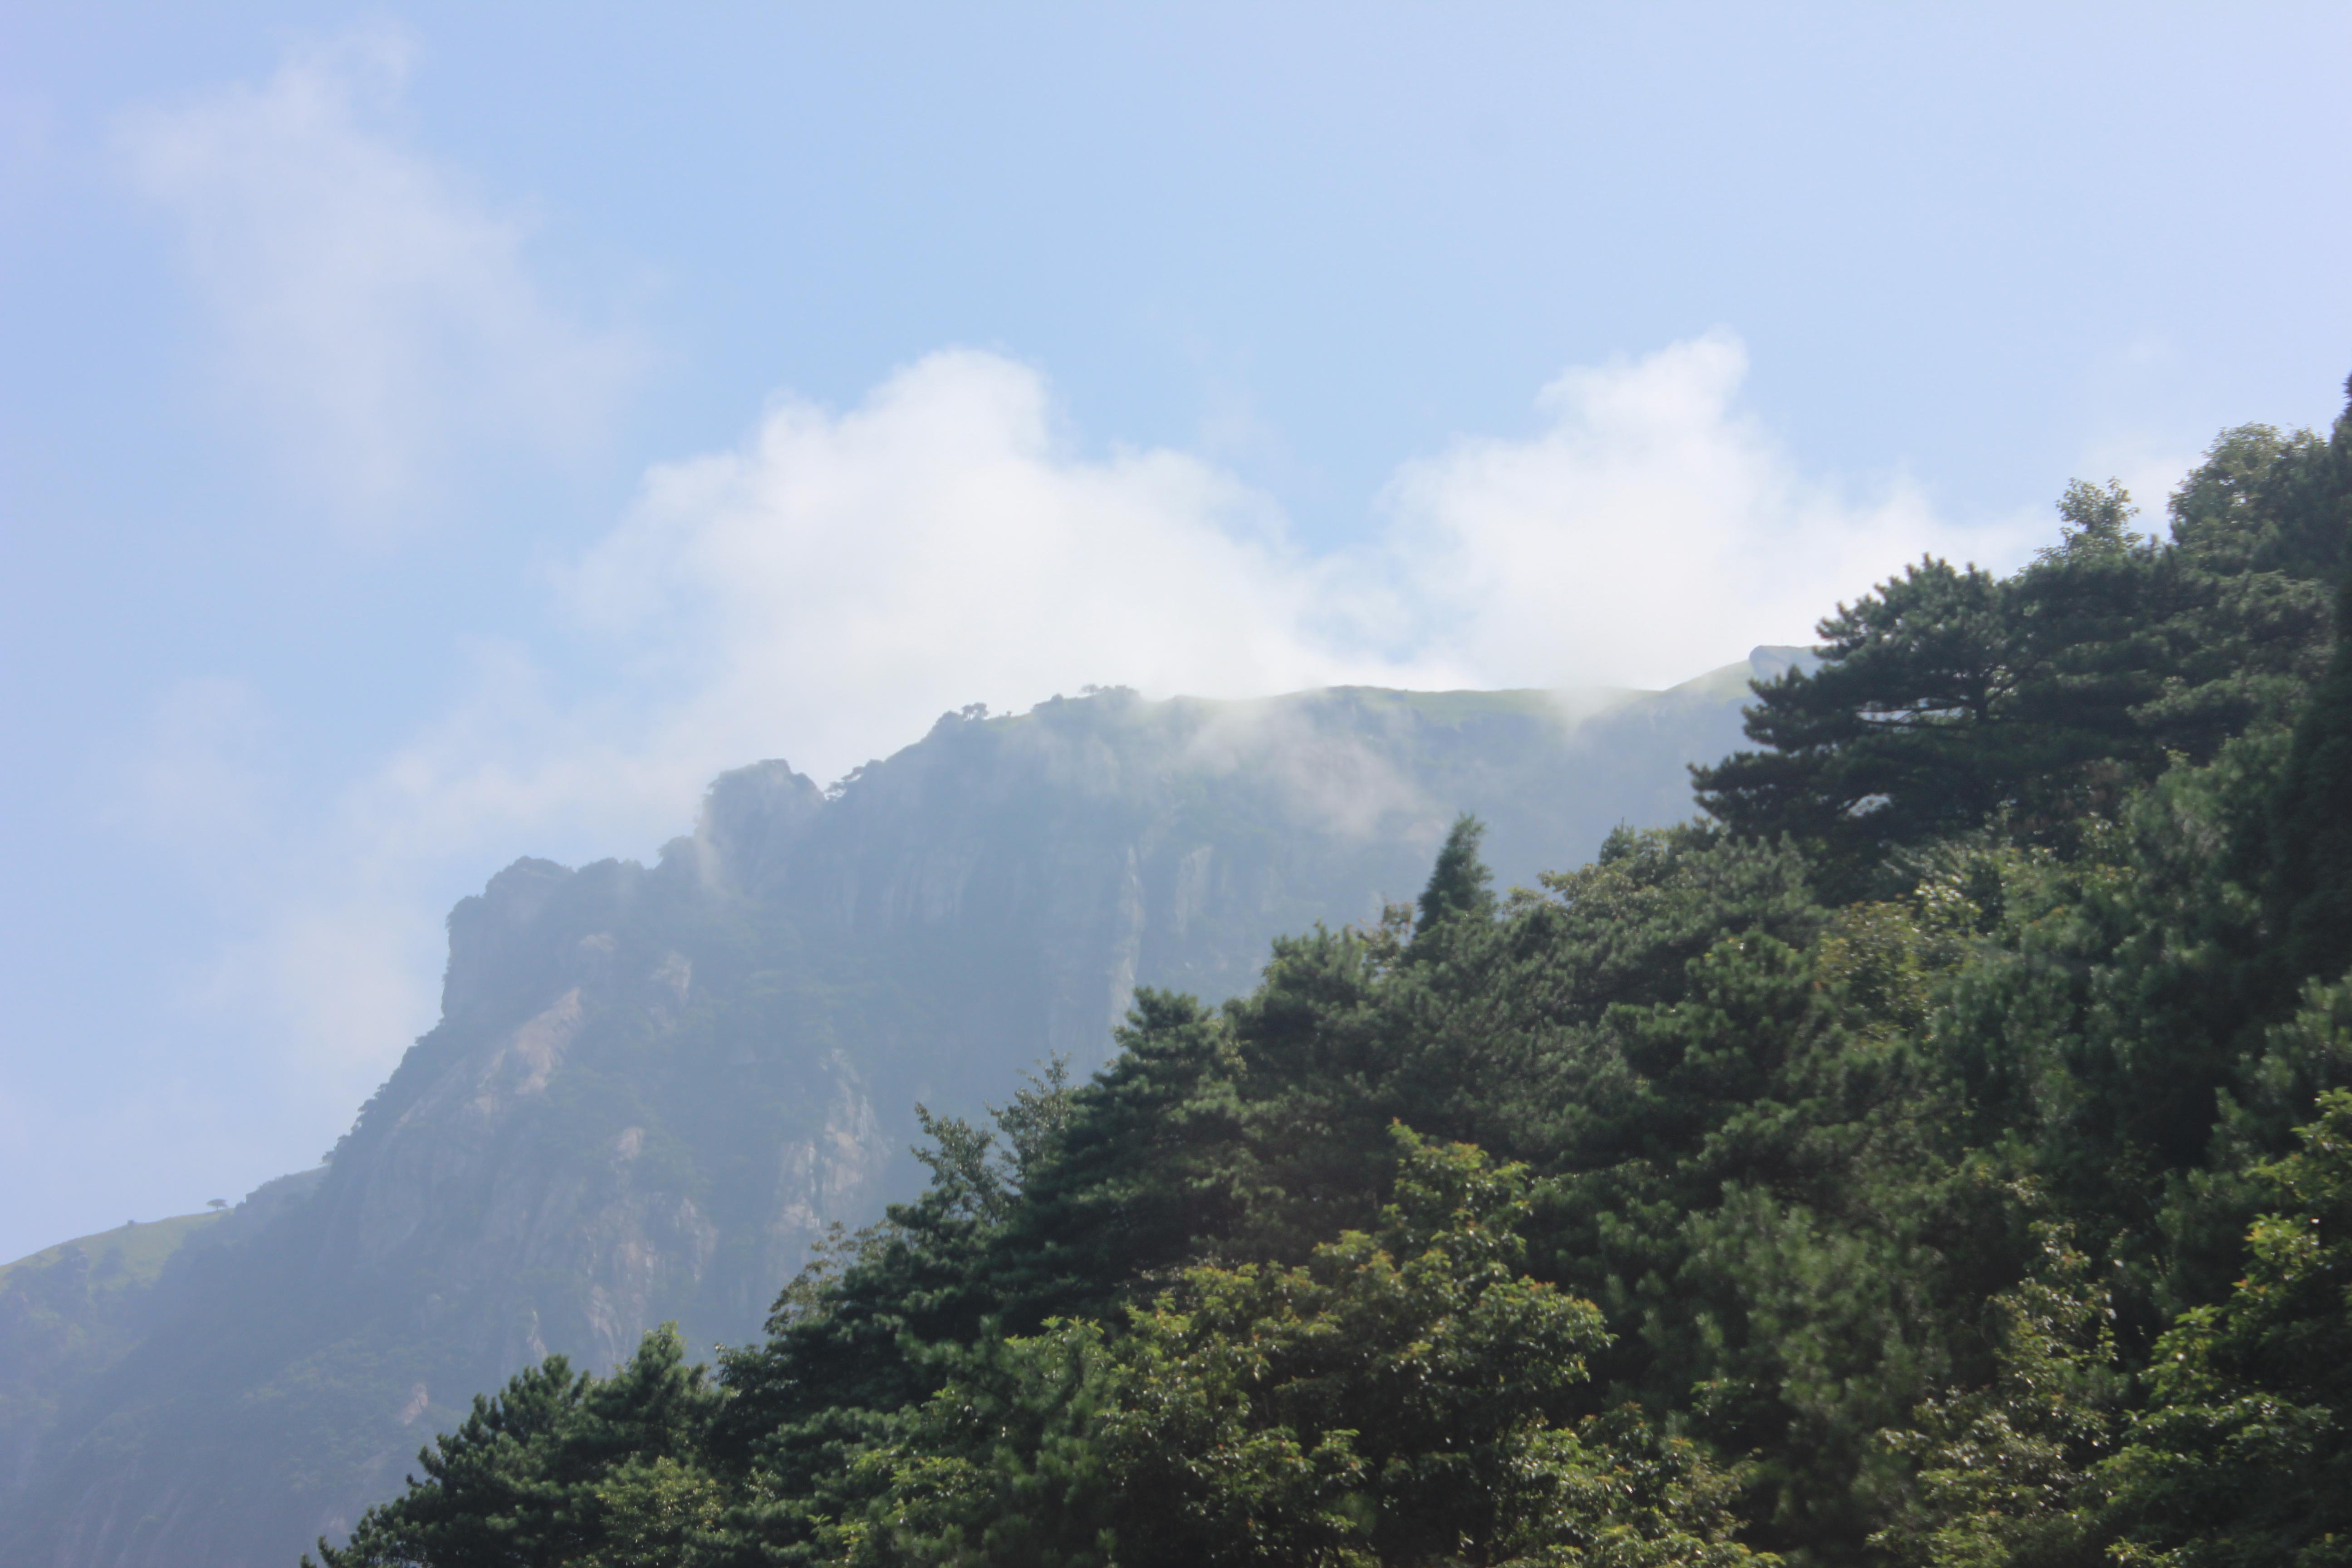 5… 伏牛山世界地质公园——木札岭,位于河南省洛阳市嵩县车村镇,总面